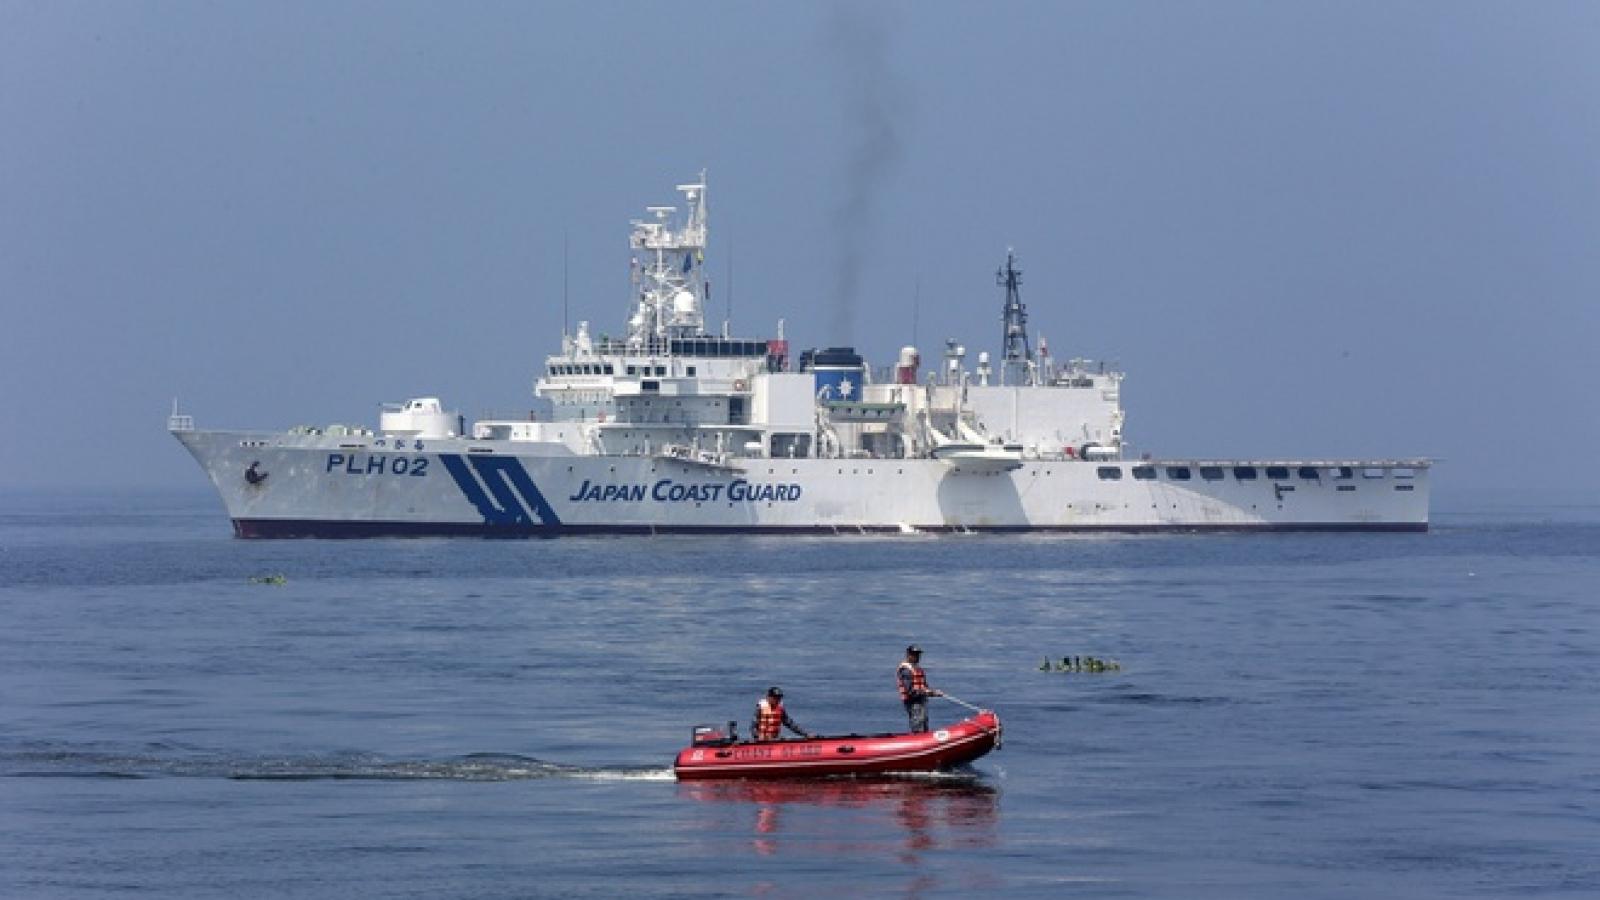 Trung Quốc quân sự hóa lực lượng hải cảnh, Nhật Bản tính đáp trả tương xứng